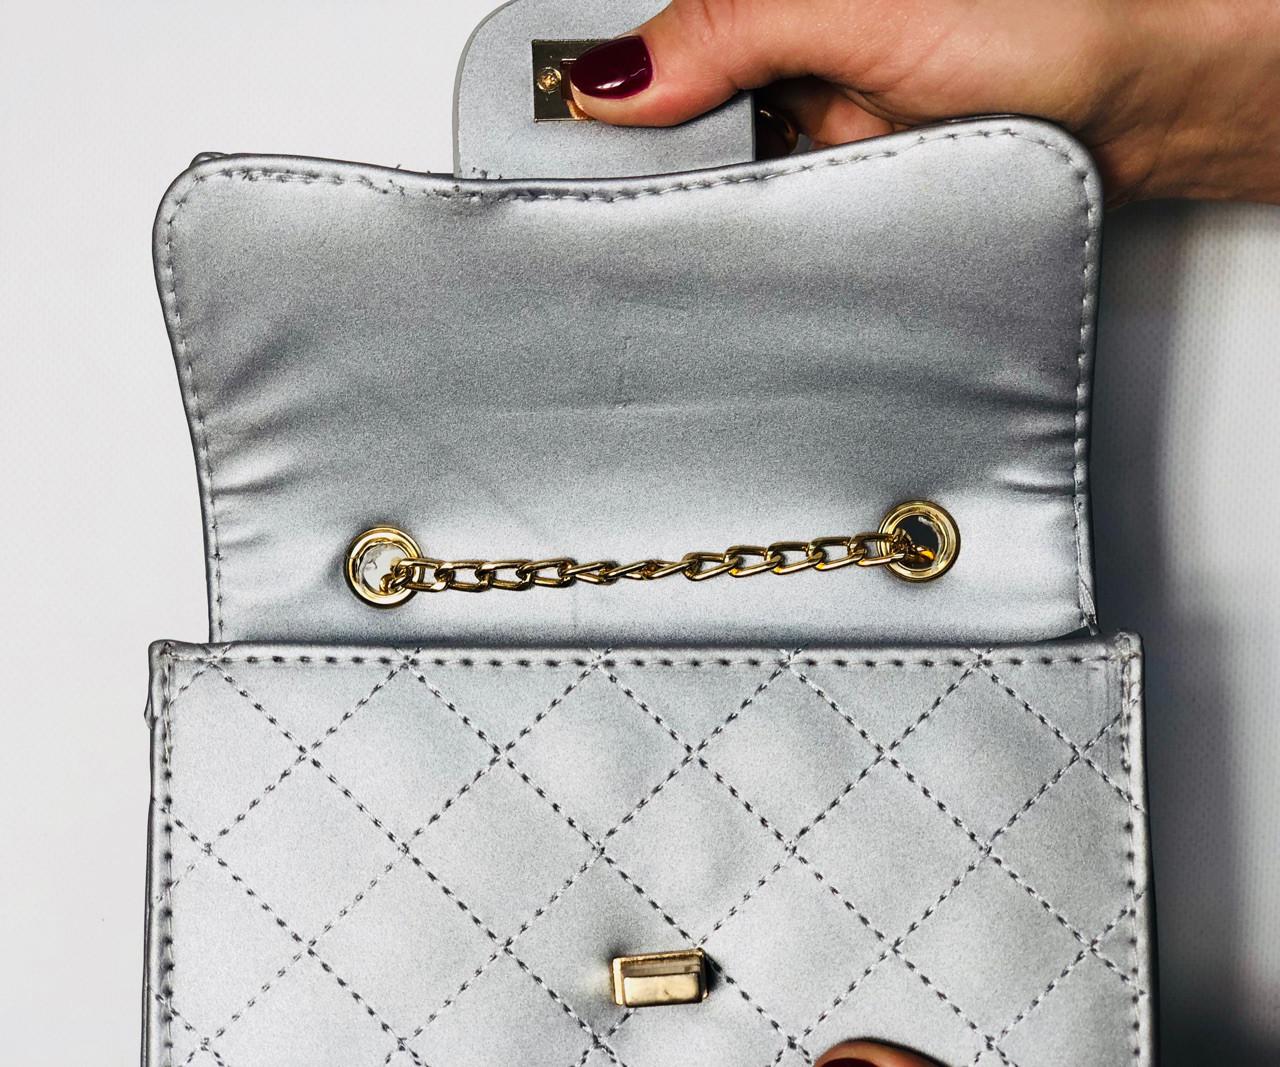 087efdb9a747 Купить Женскую сумку клатч на цепочке серебро в стиле мини Уценку ...